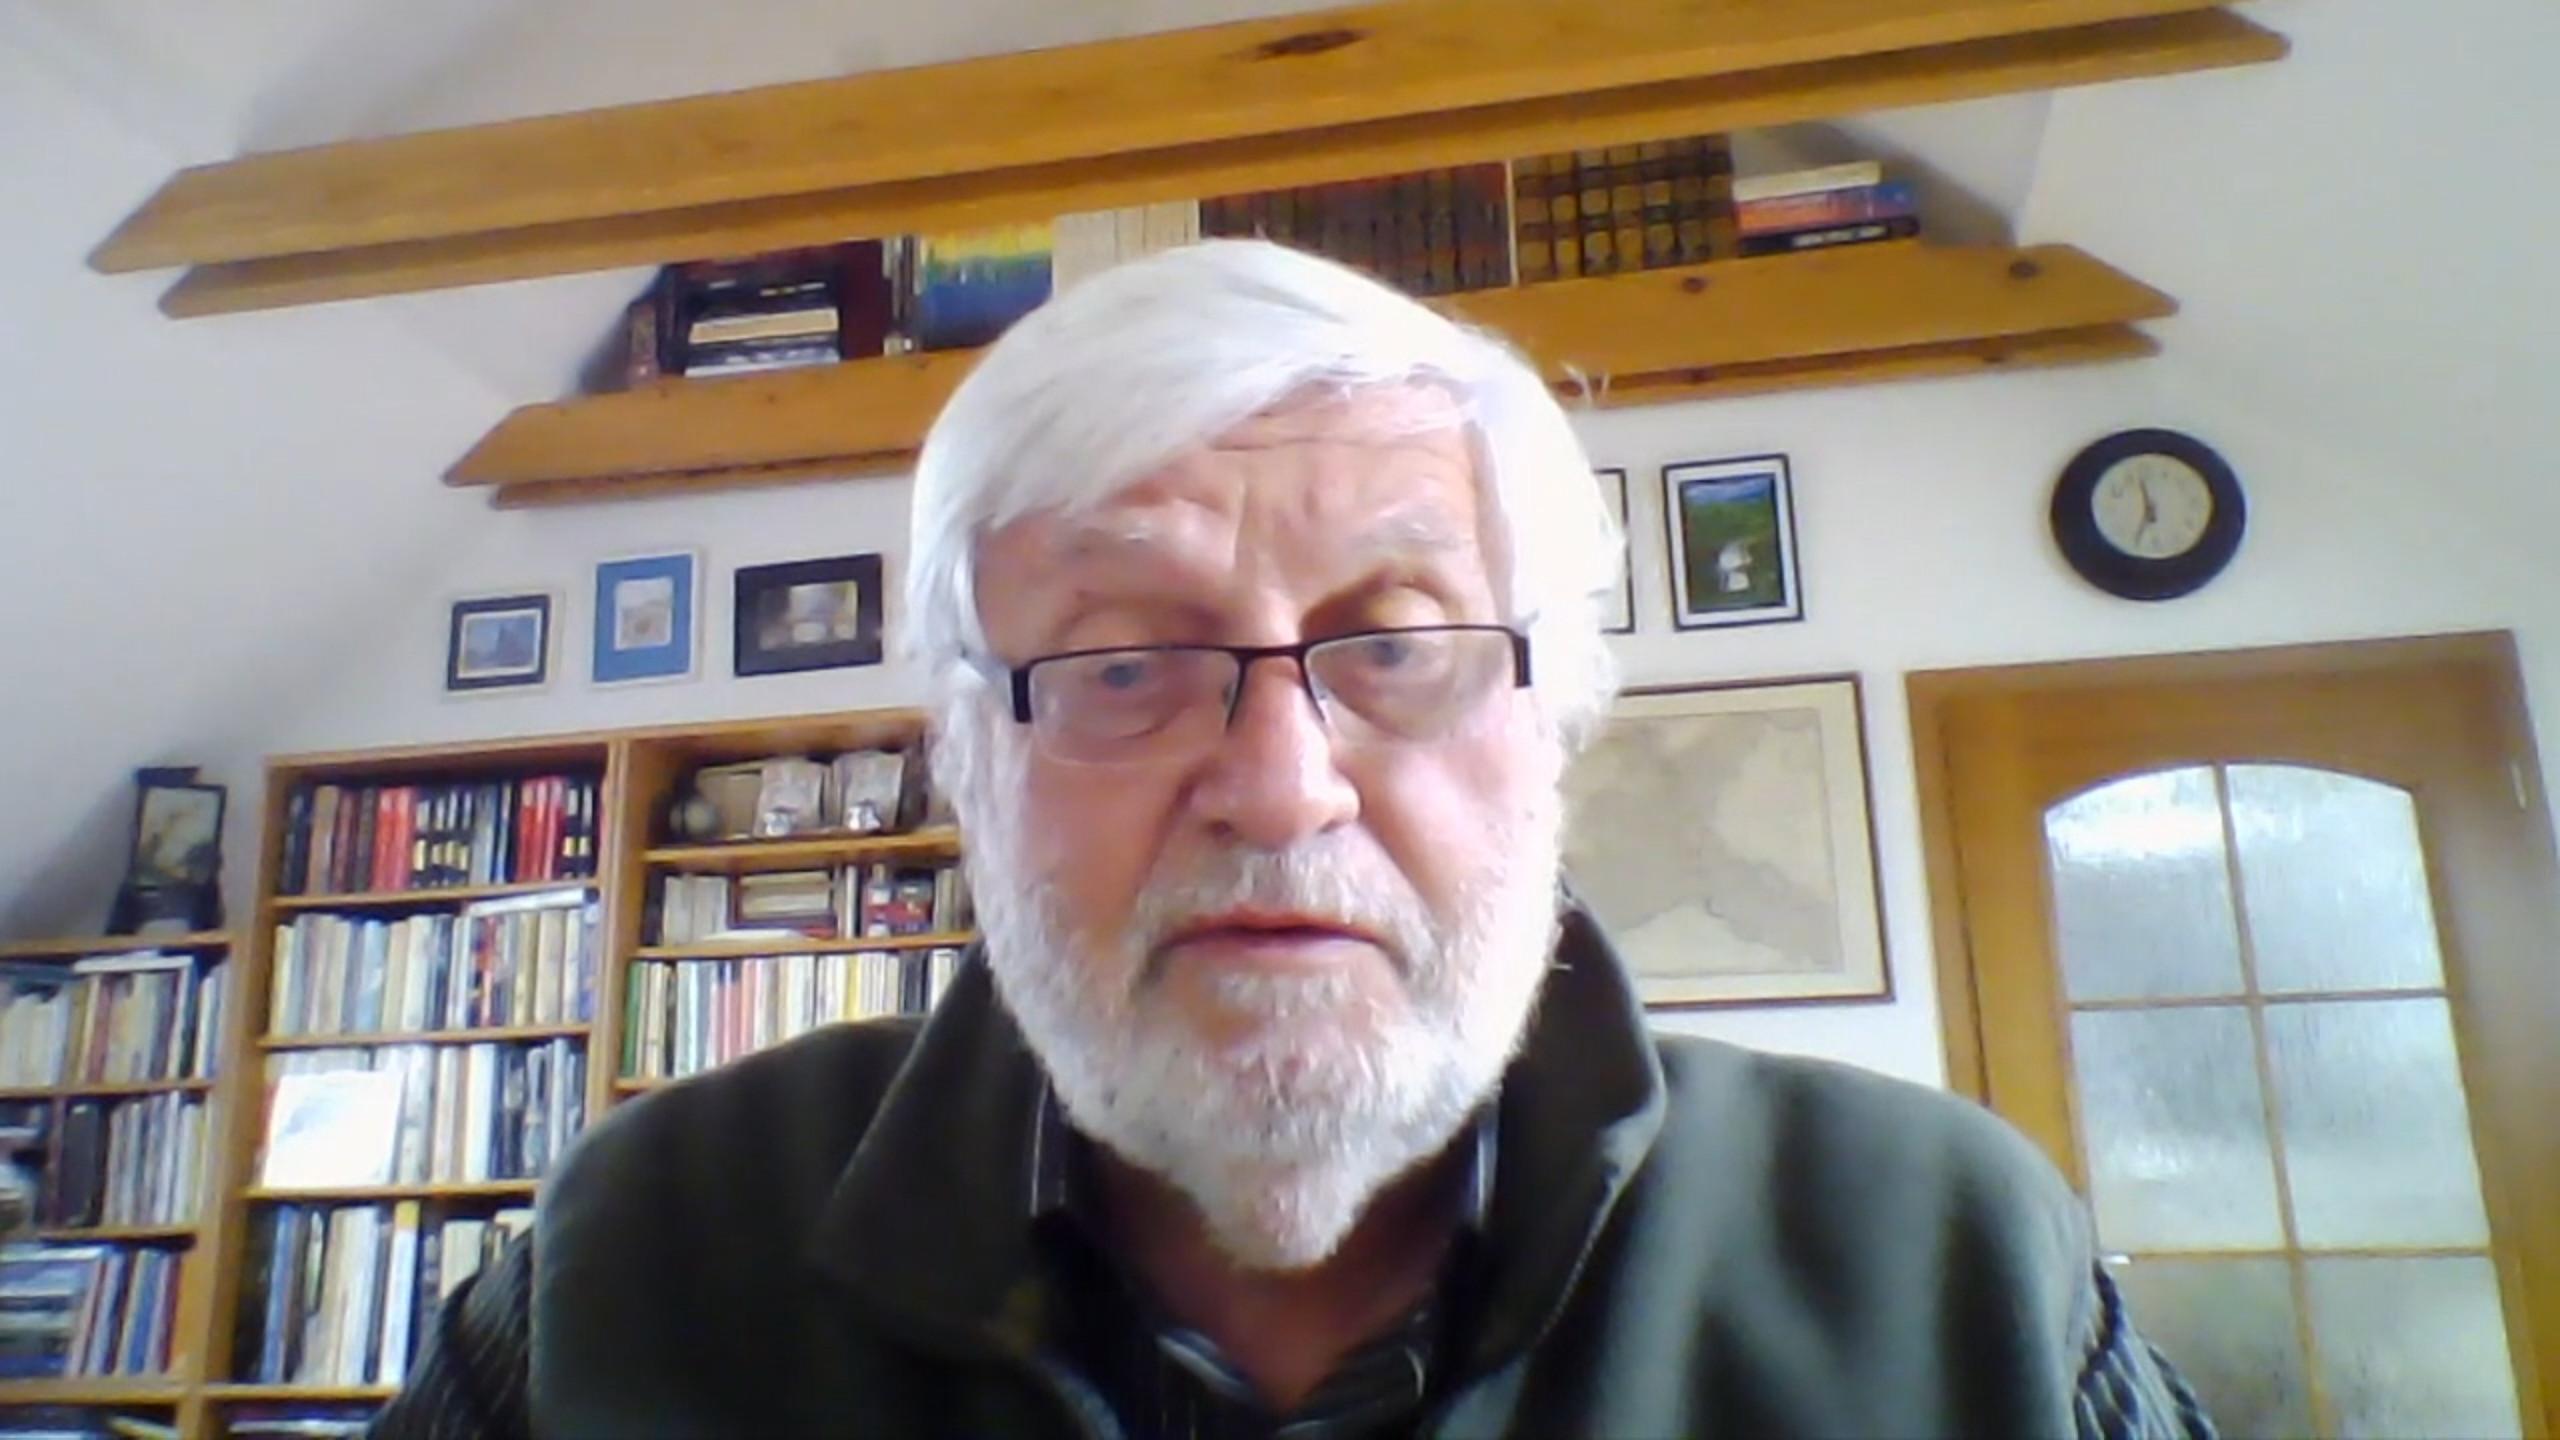 jaderná energie - 65 let: Aleš John – WANO jako celosvětový systém pro zvyšování bezpečnosti jaderných elektráren - V Česku (john) 3